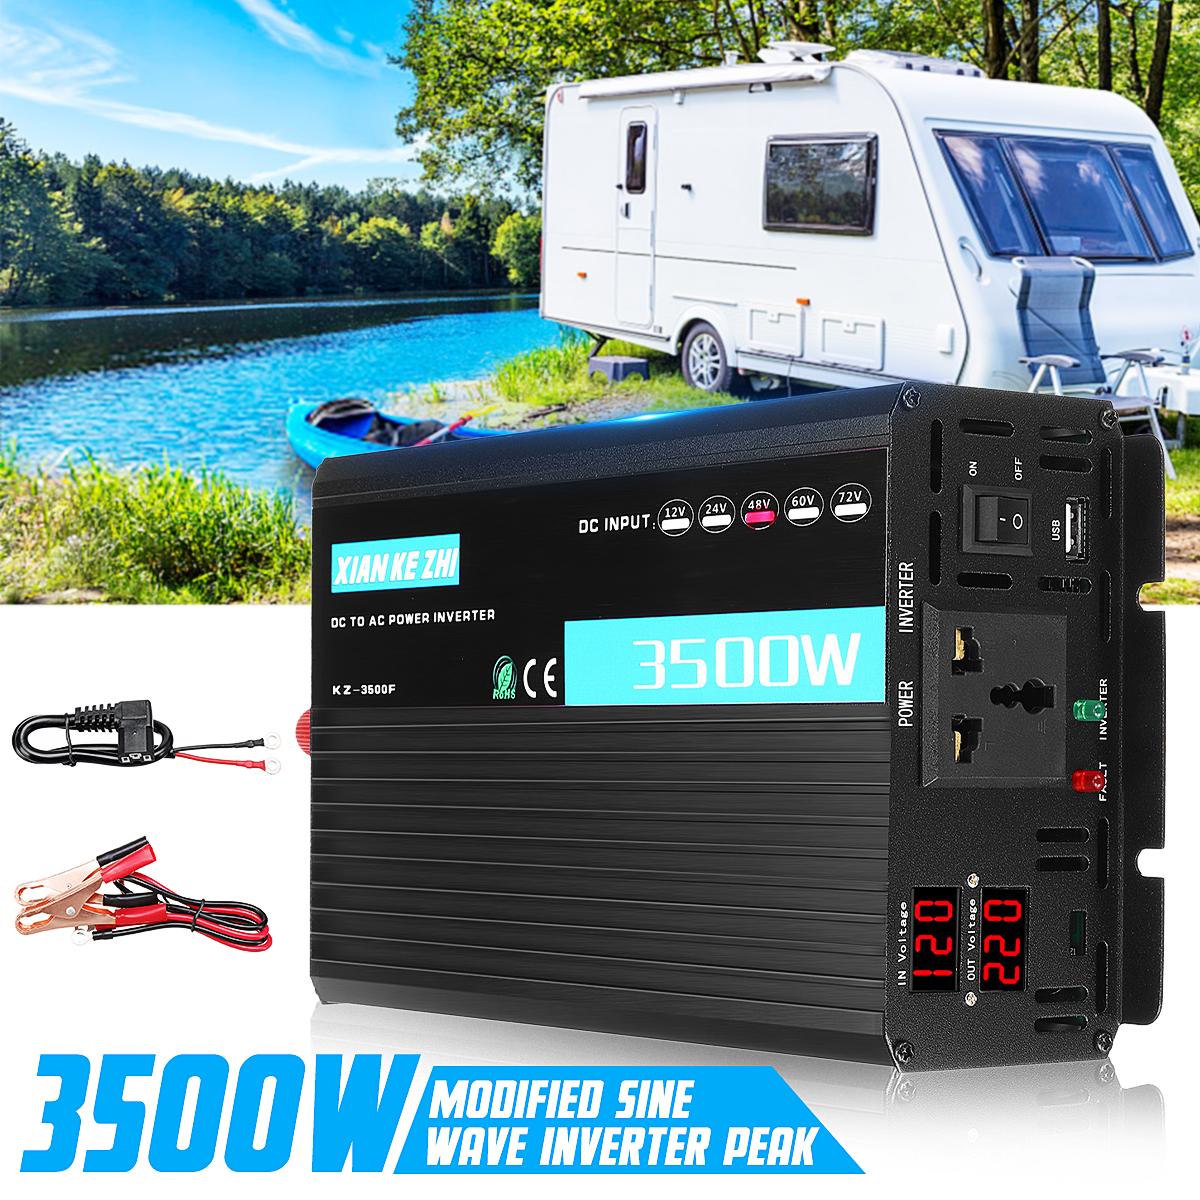 Dual Display Intelligent Power Inverter 3500W Modificato 12/24/48/60 / 72V TO 220V LED Display Convertitore di potenza Multi Protaction